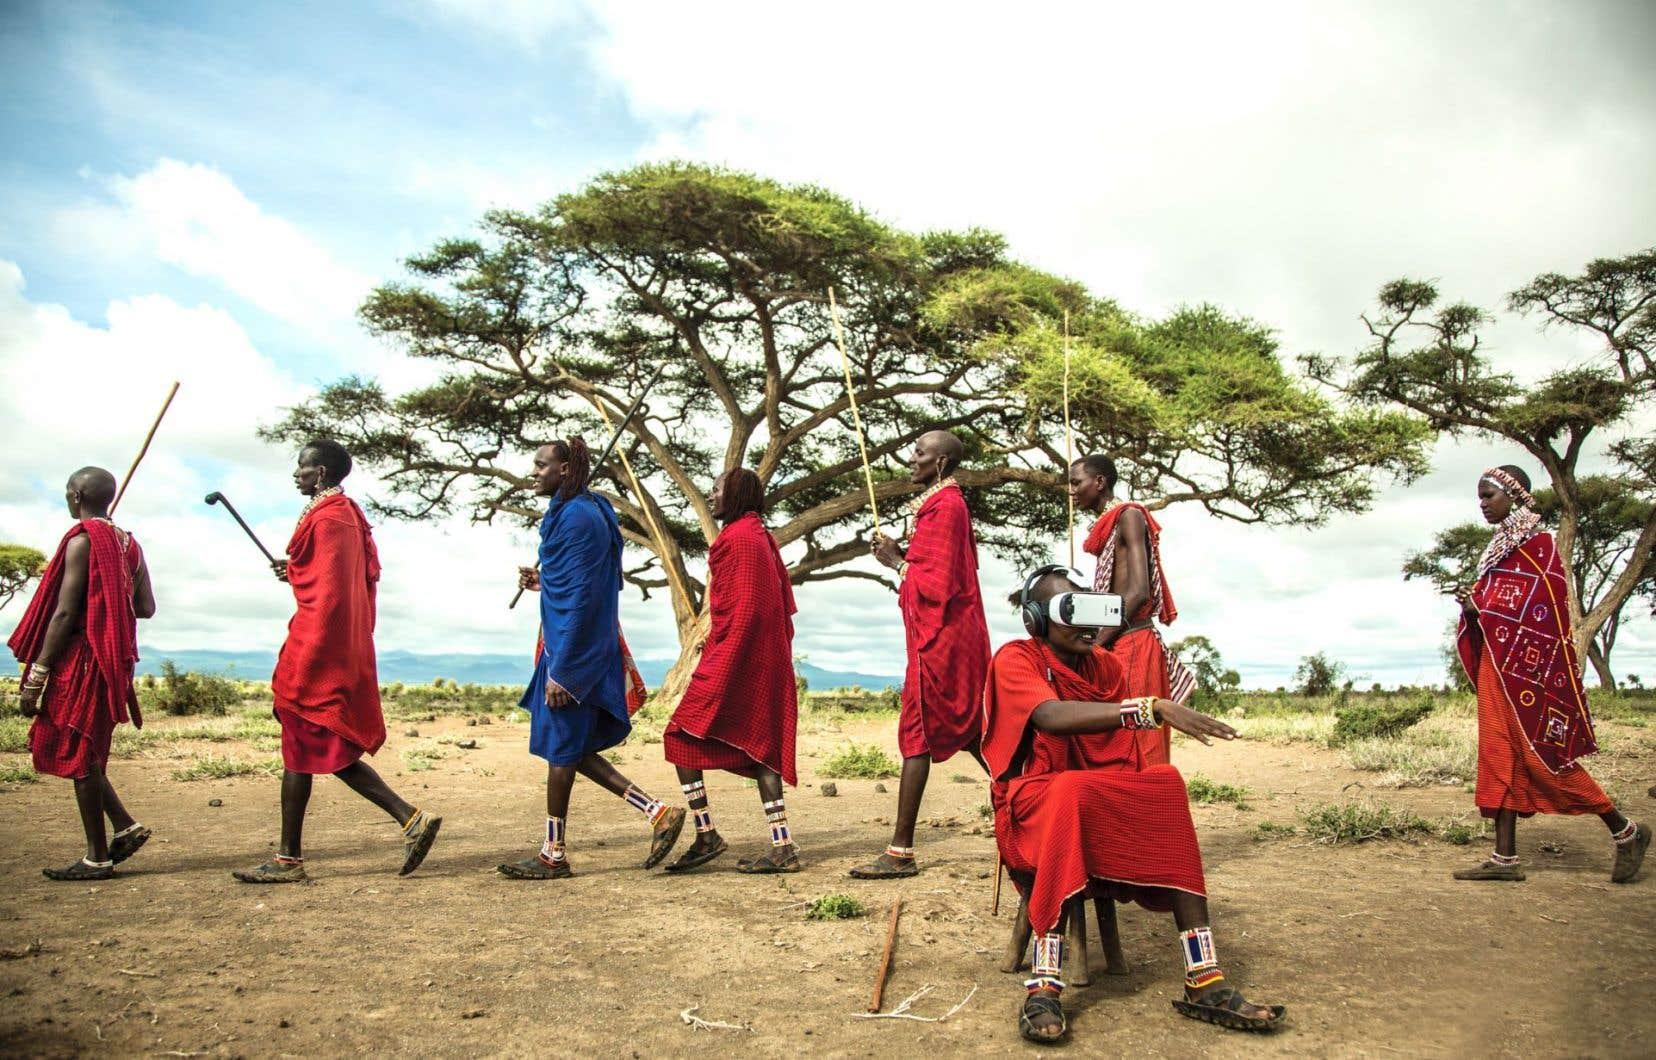 Pendant le tournage de «Nomads: Maasai», une immersion dans les coutumes et les traditions d'une communauté maasai du Kenya, le studio Félix&Paul a passé une journée à faire vivre aux 150 villageois l'expérience de «Nomads: Herders», filmé dans une yourte d'éleveurs yak nomades en Mongolie.